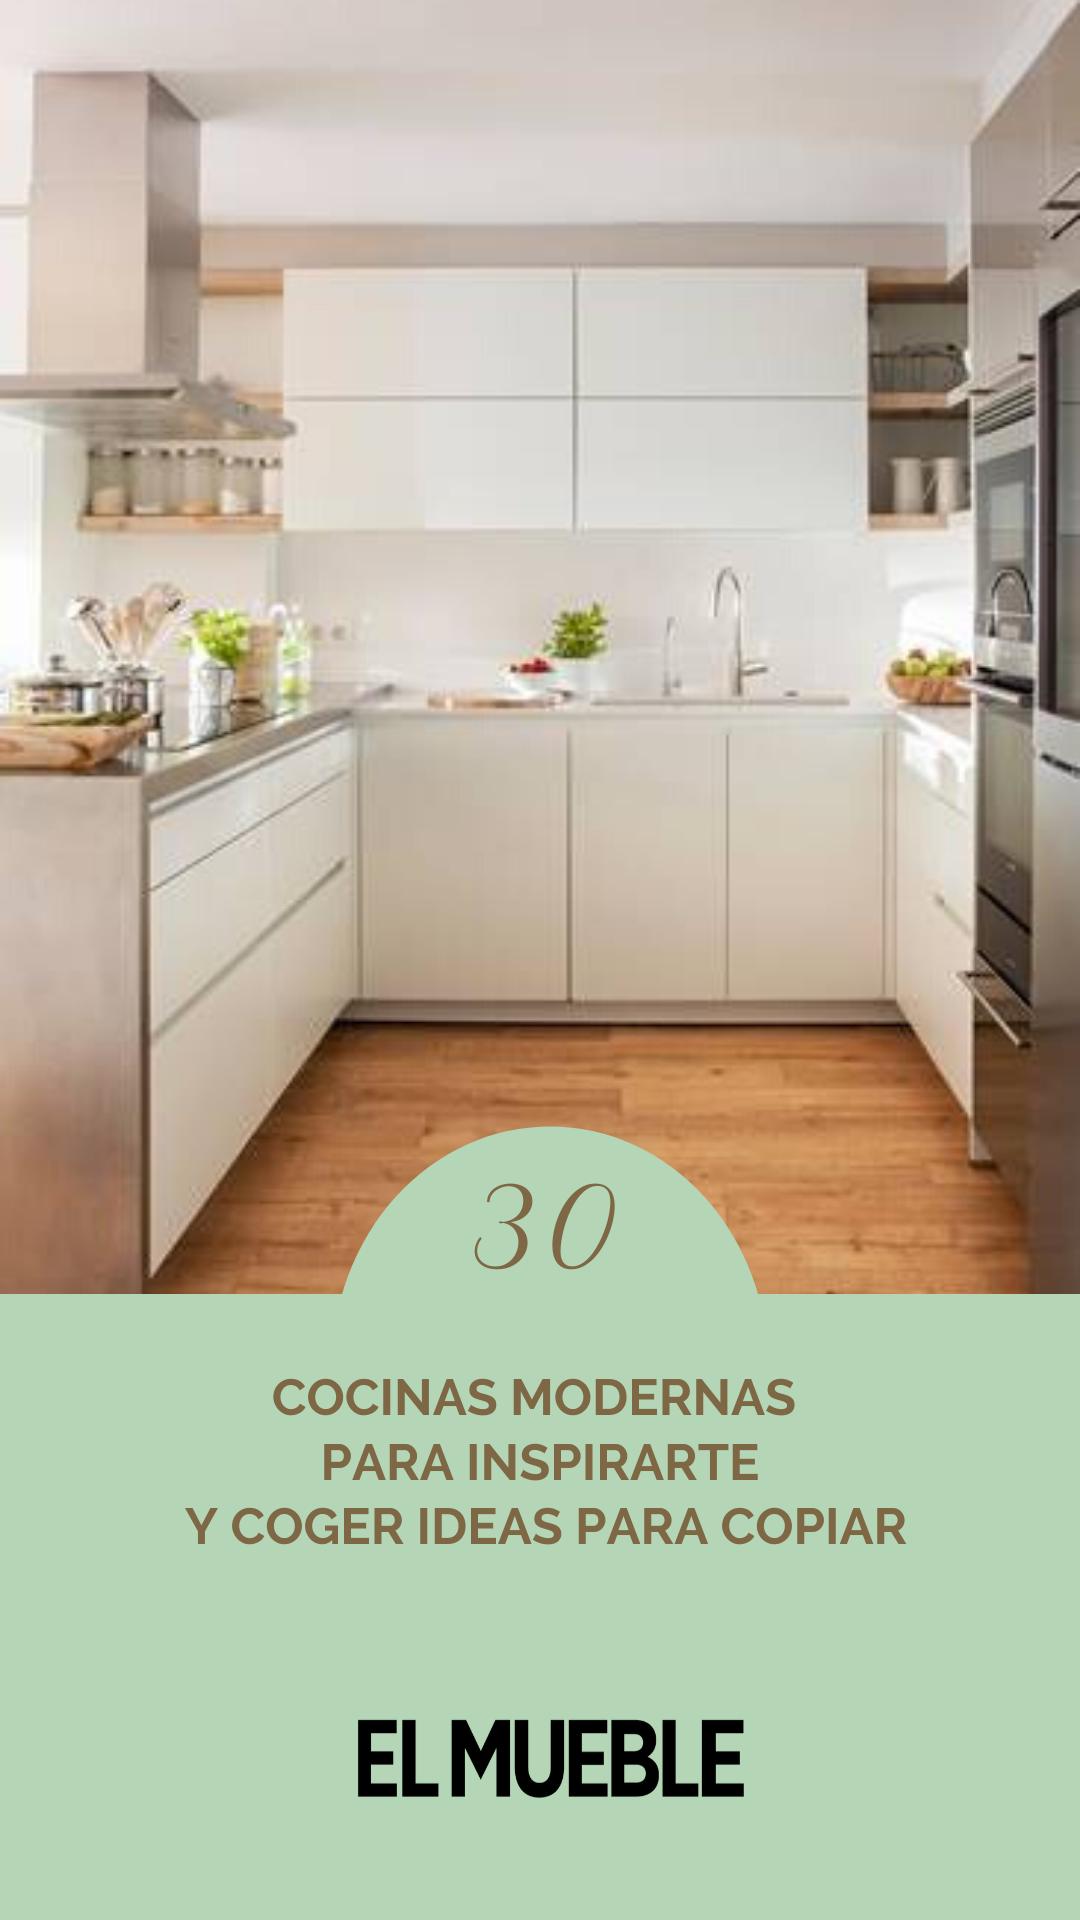 30 cocinas modernas para inspirarte y coger ideas para copiar